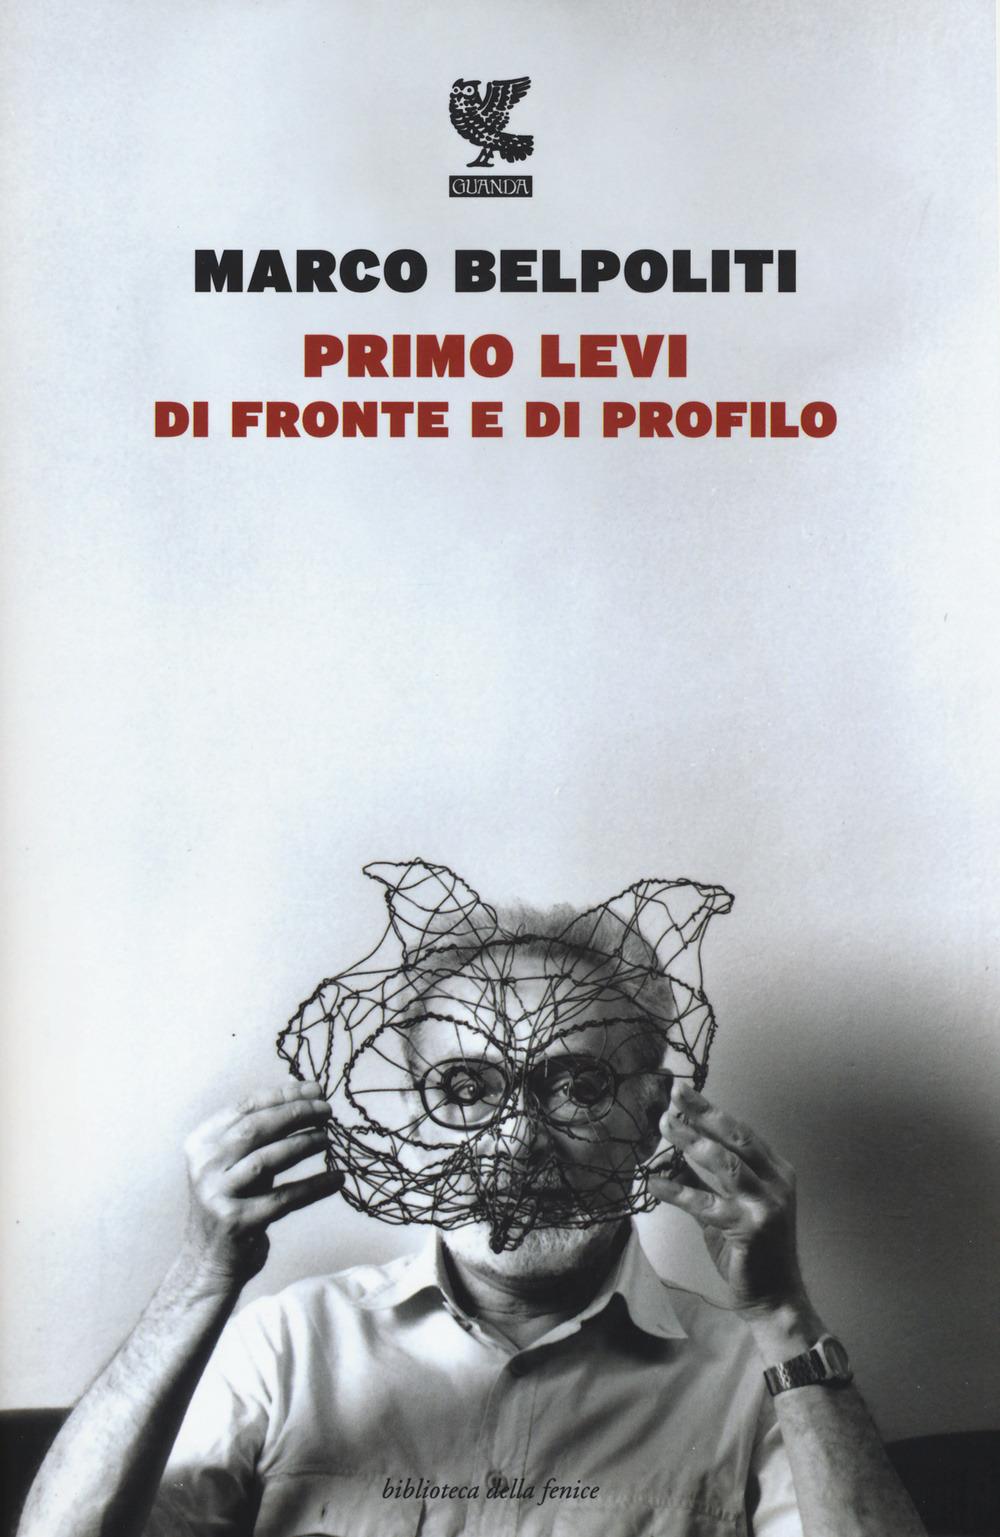 Marco Belpoliti: Primo Levi di fronte e di profilo